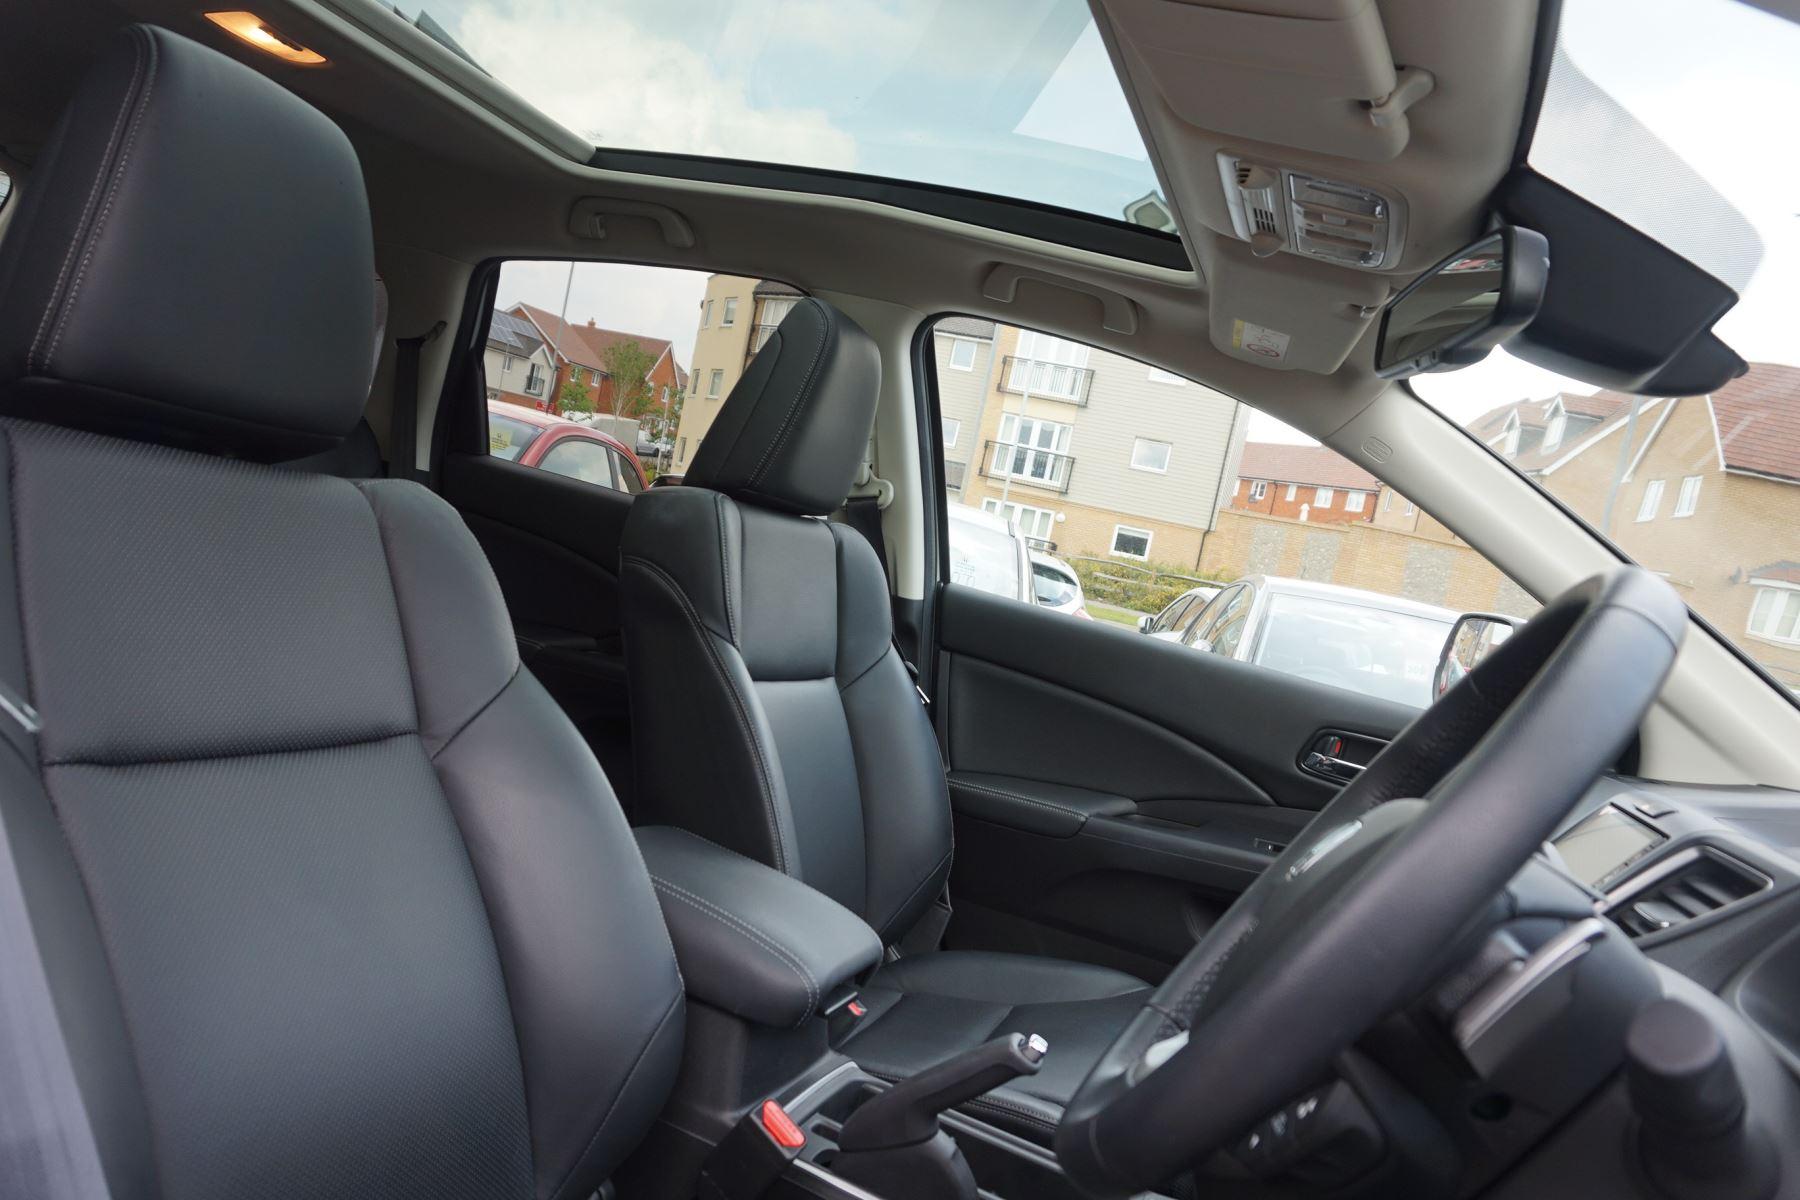 Honda CR-V 2.0 i-VTEC EX 5dr image 21